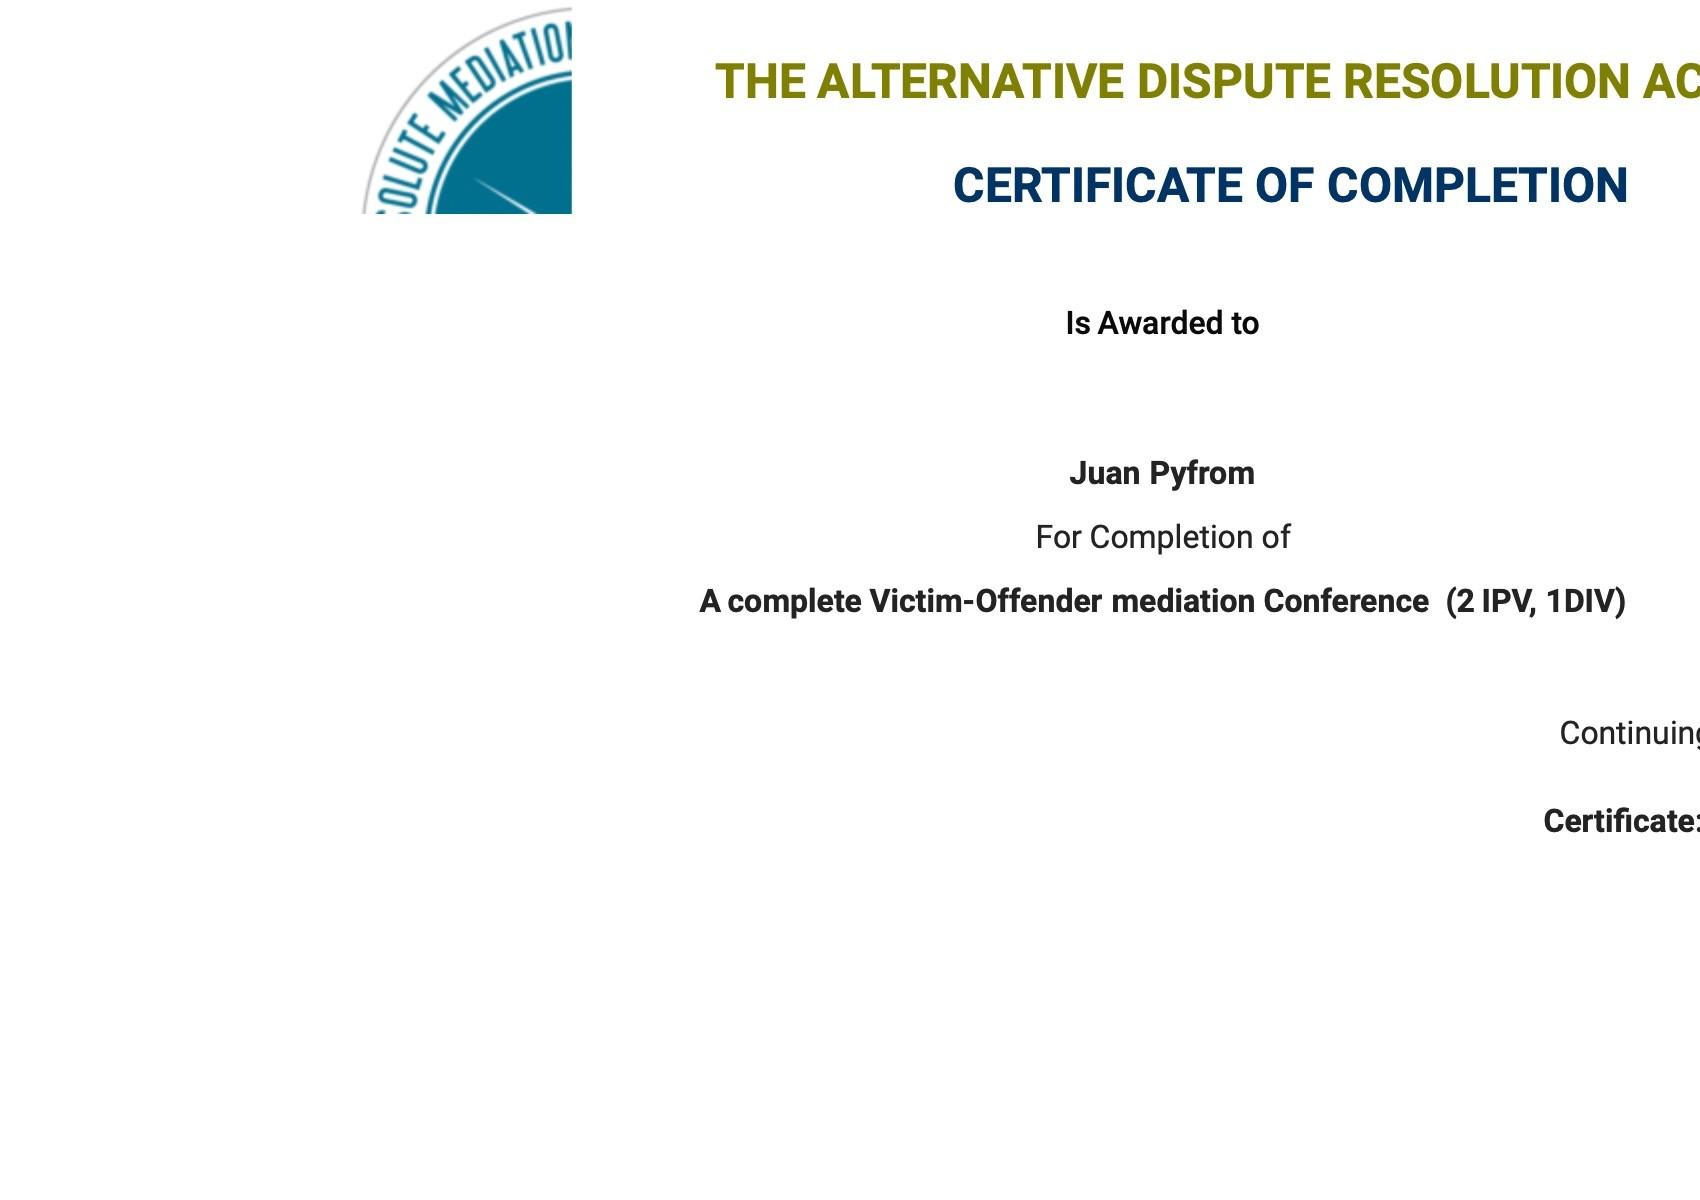 Certificate for User Juan Pyfrom